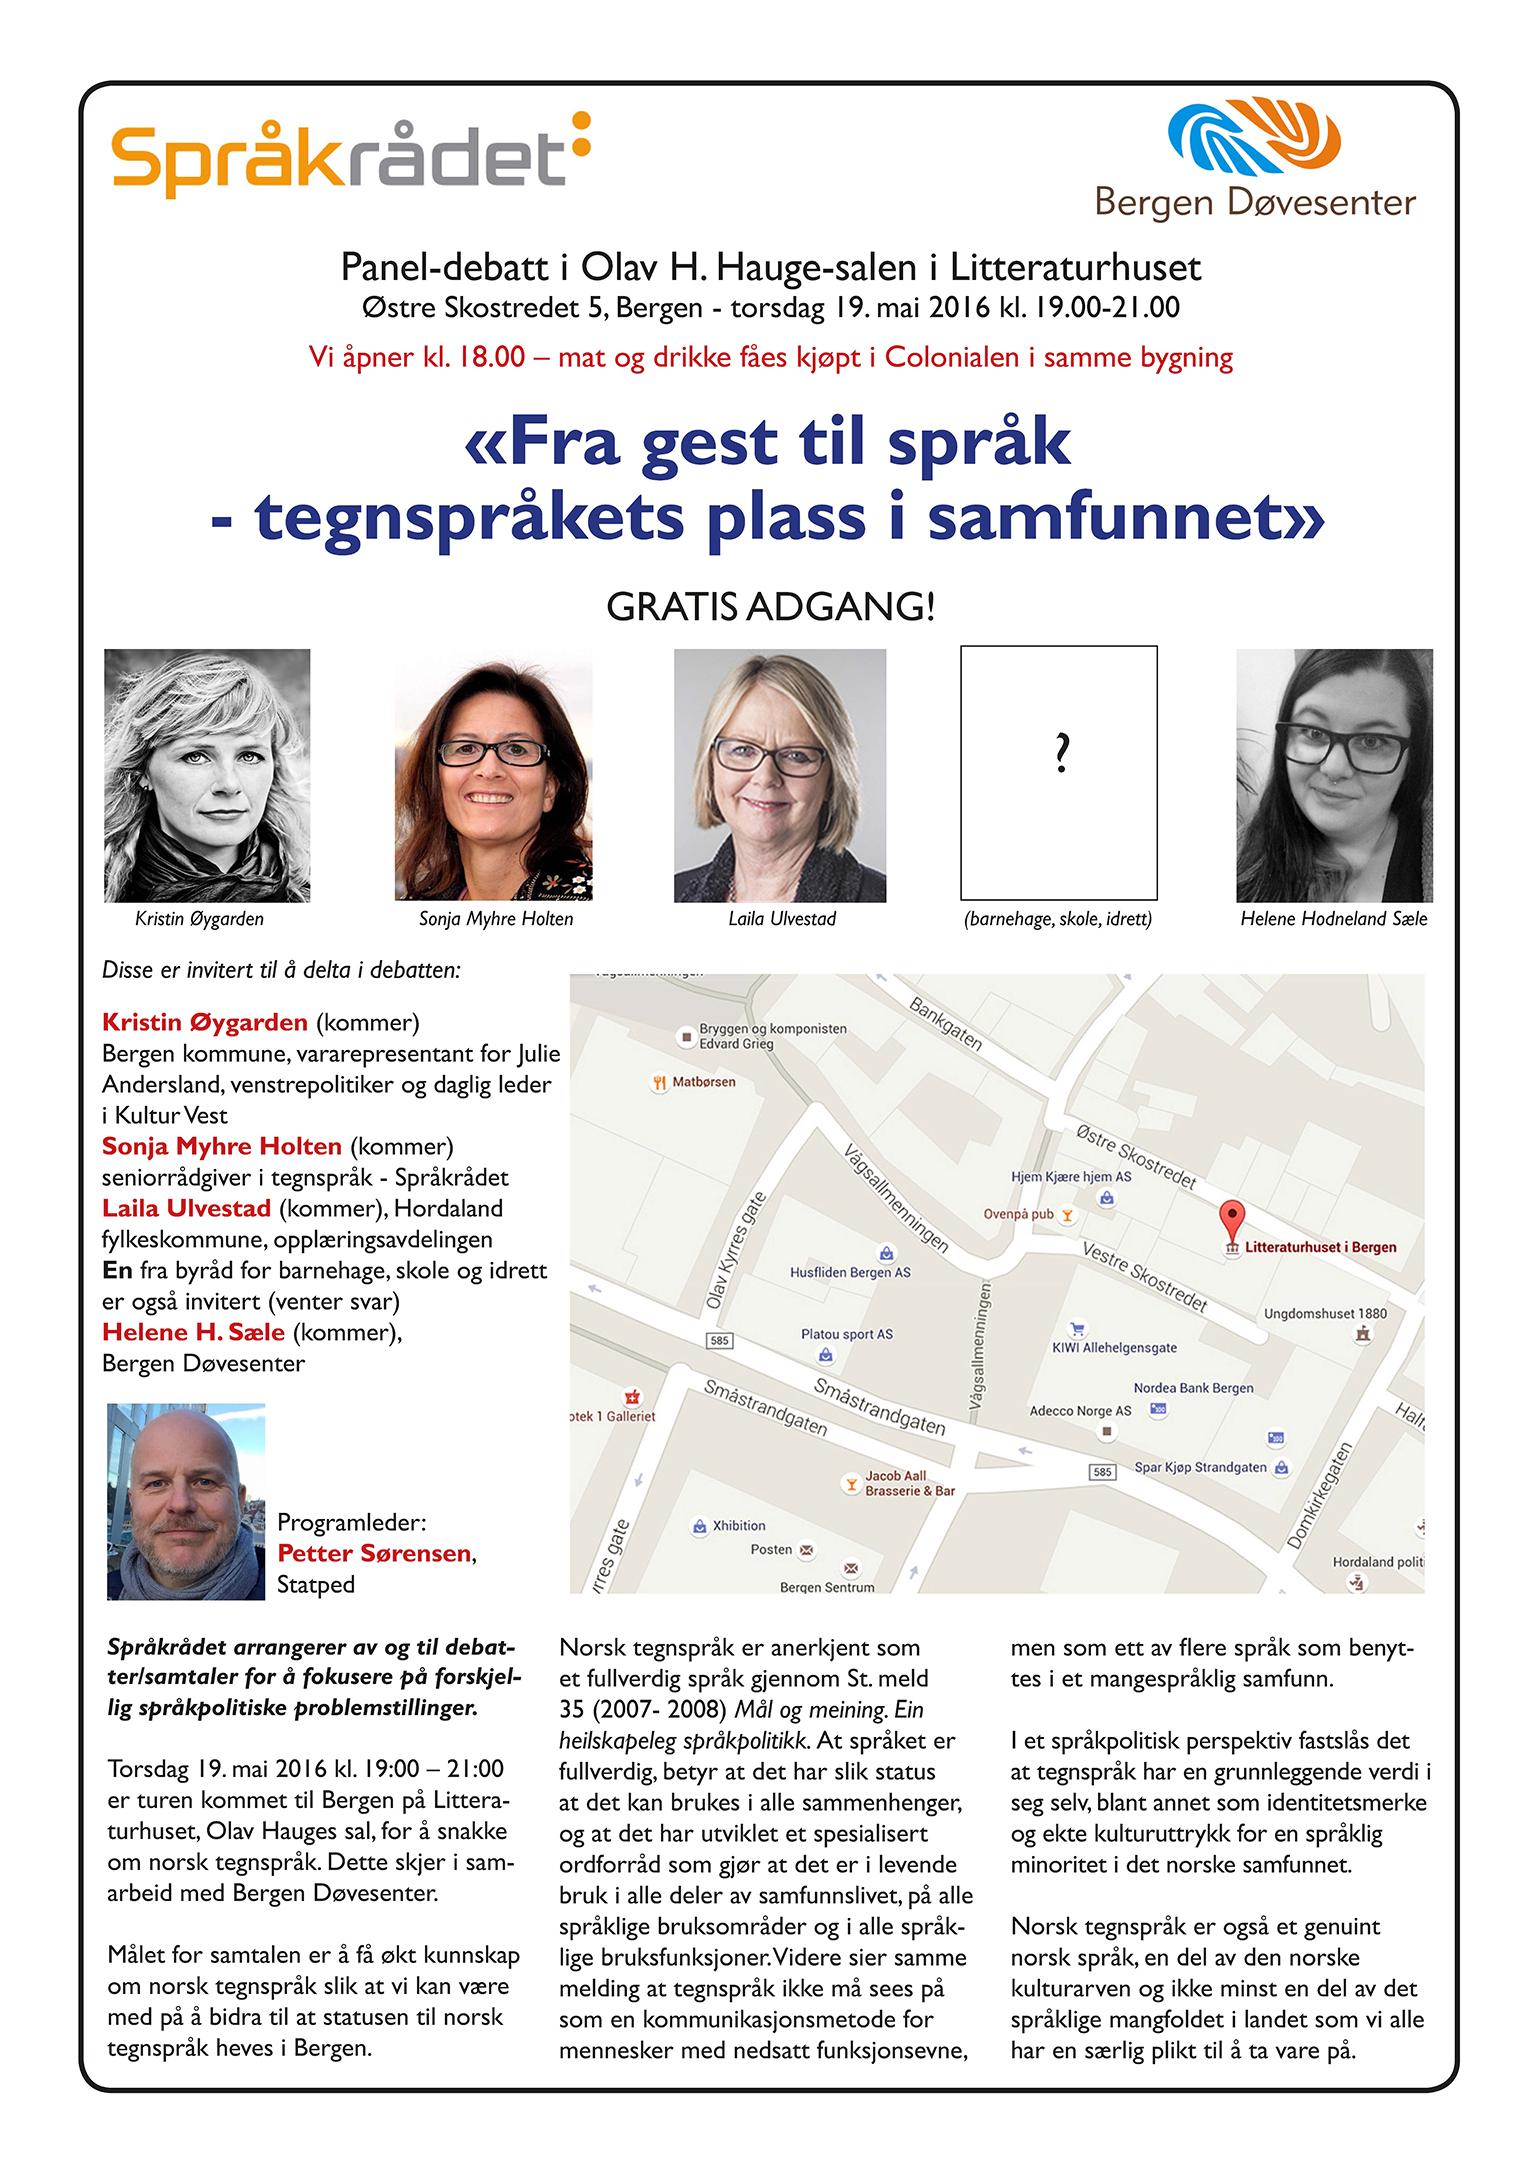 2916-05-19 Panel debatt i Litteraturhuset Bergen